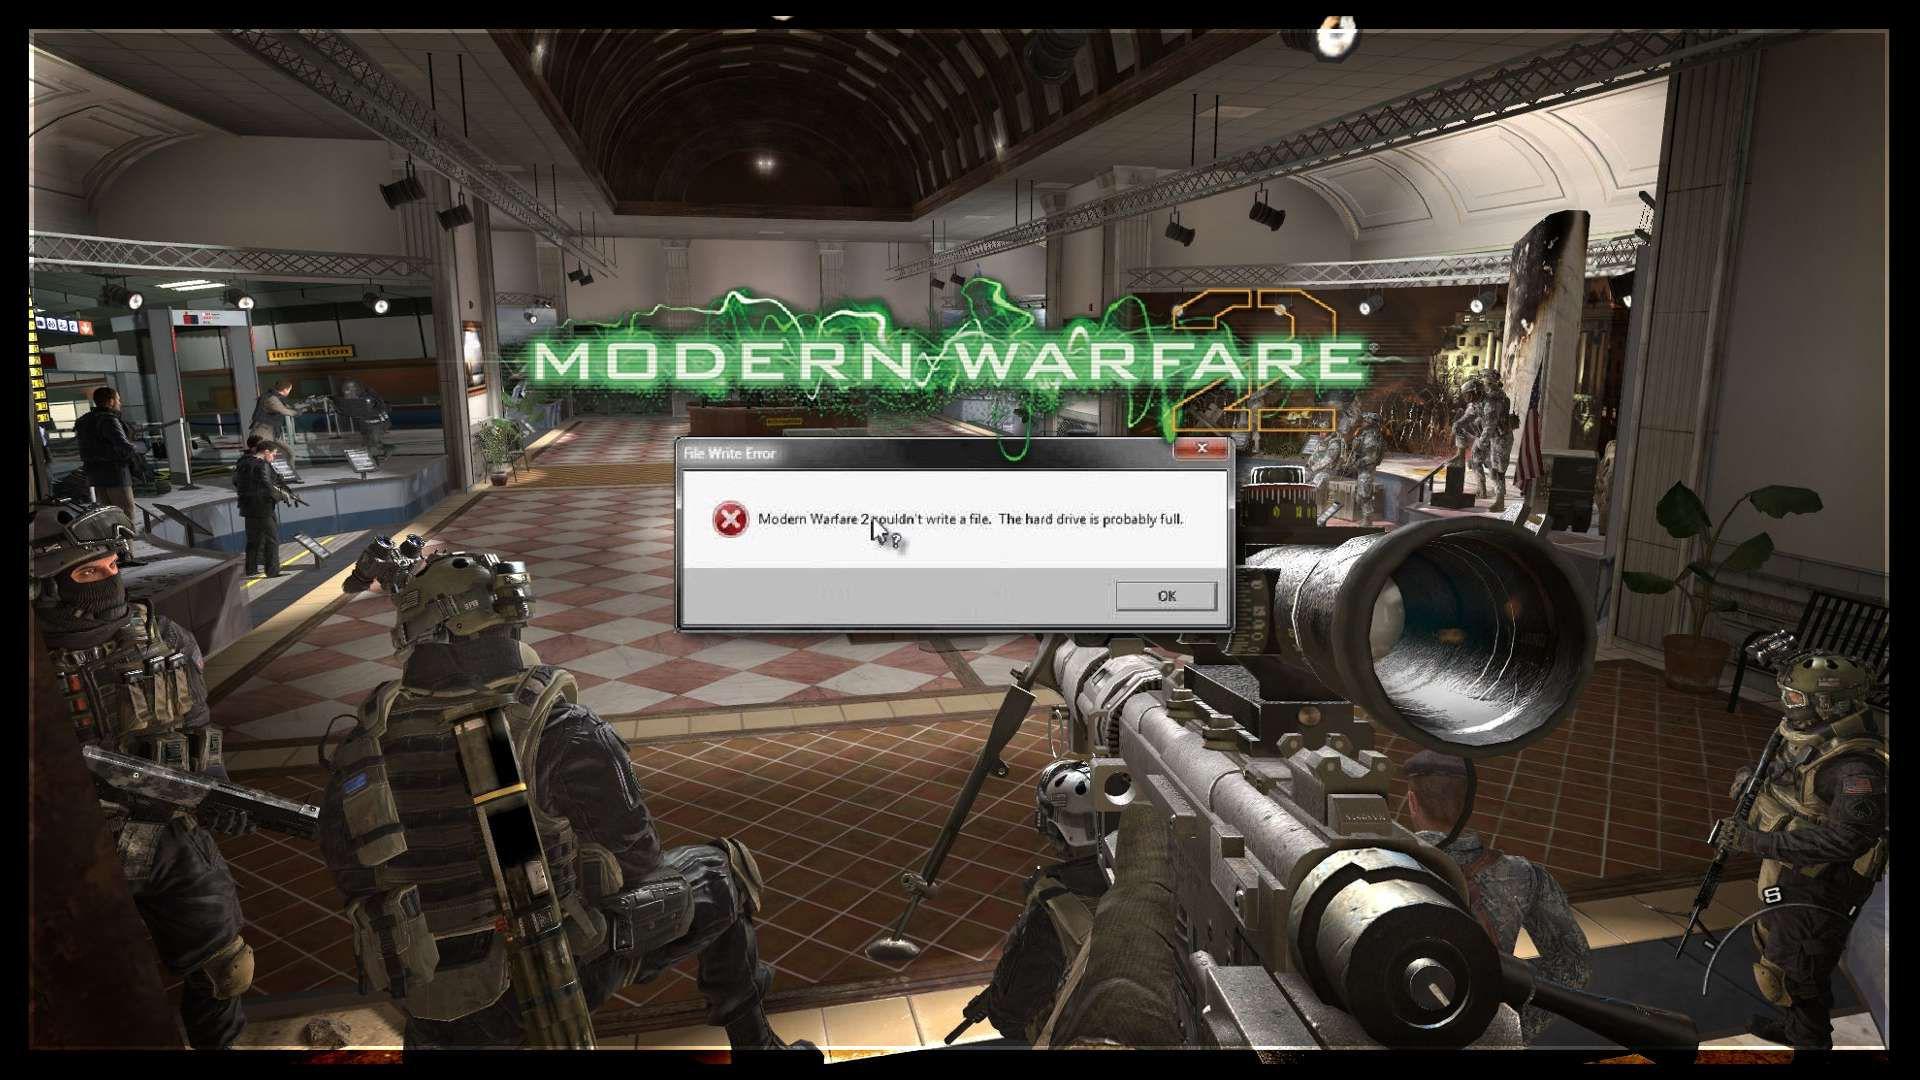 Modern Warfare 2 Couldn't Write a File Error